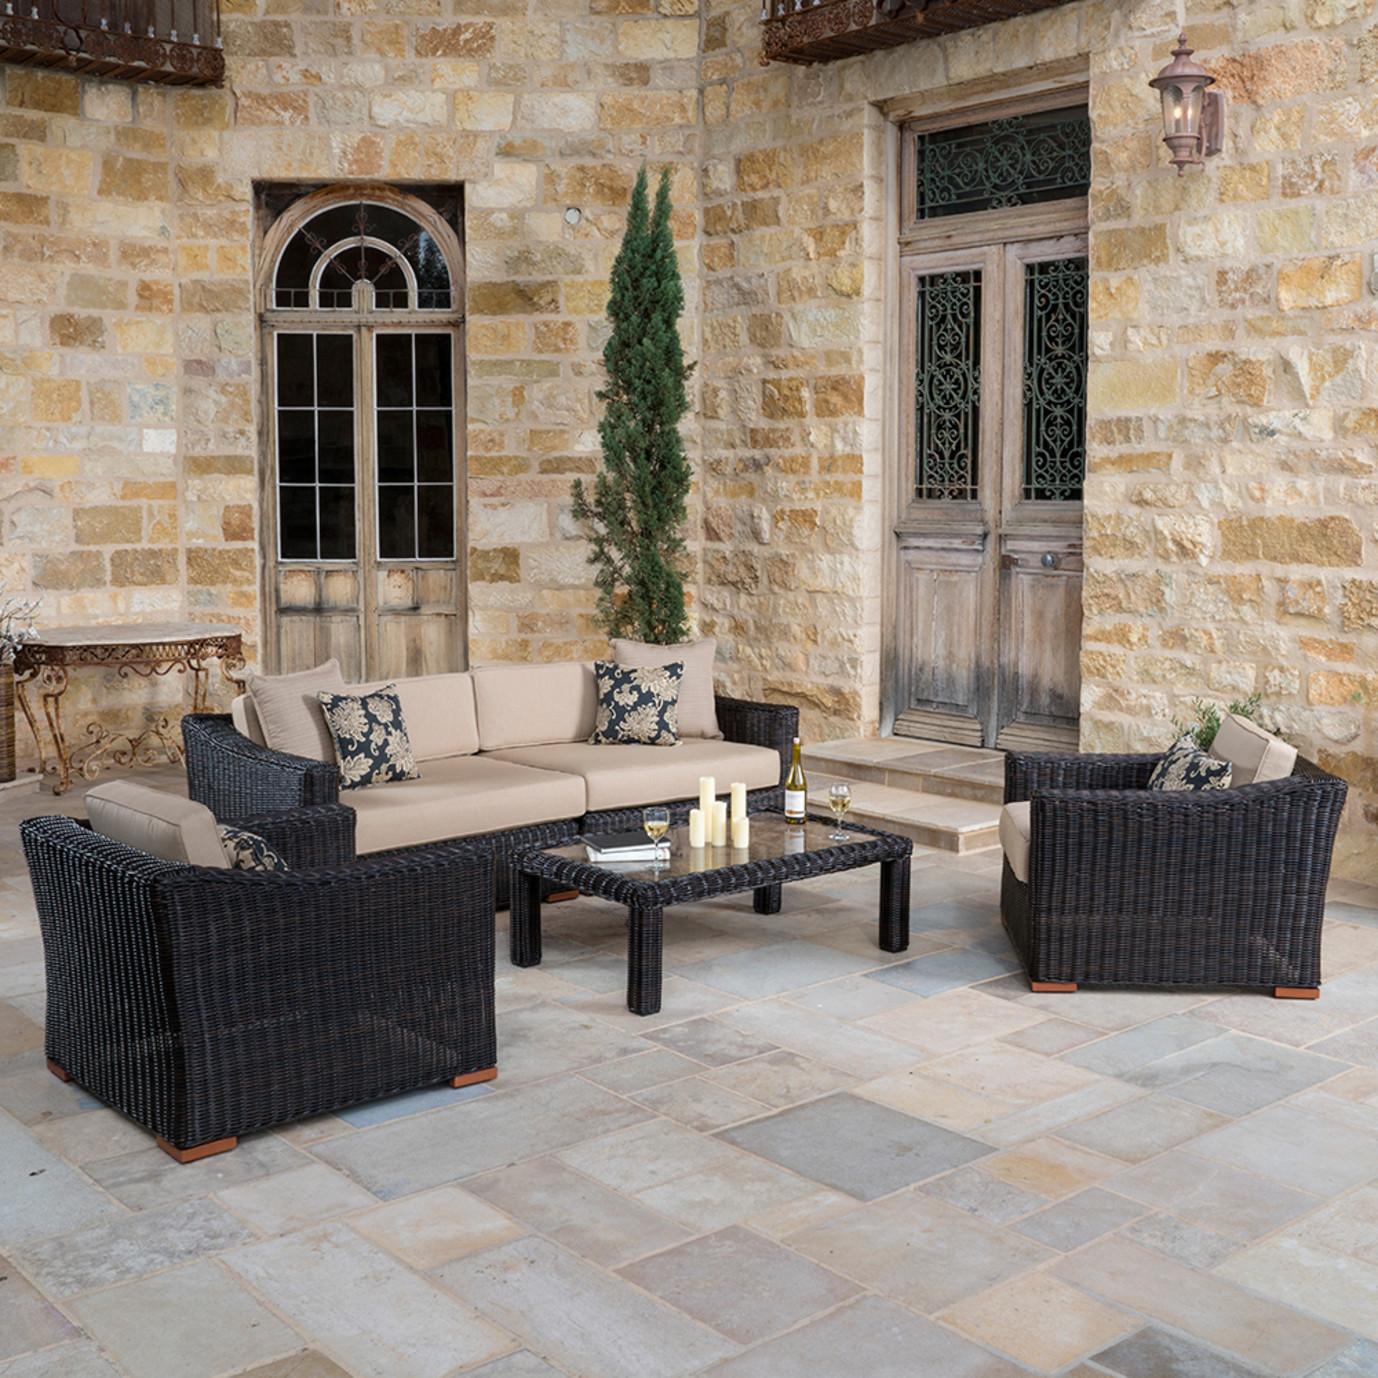 Resort™ Deluxe 5pc Deep Seating Set - Espresso/ Heather Beige